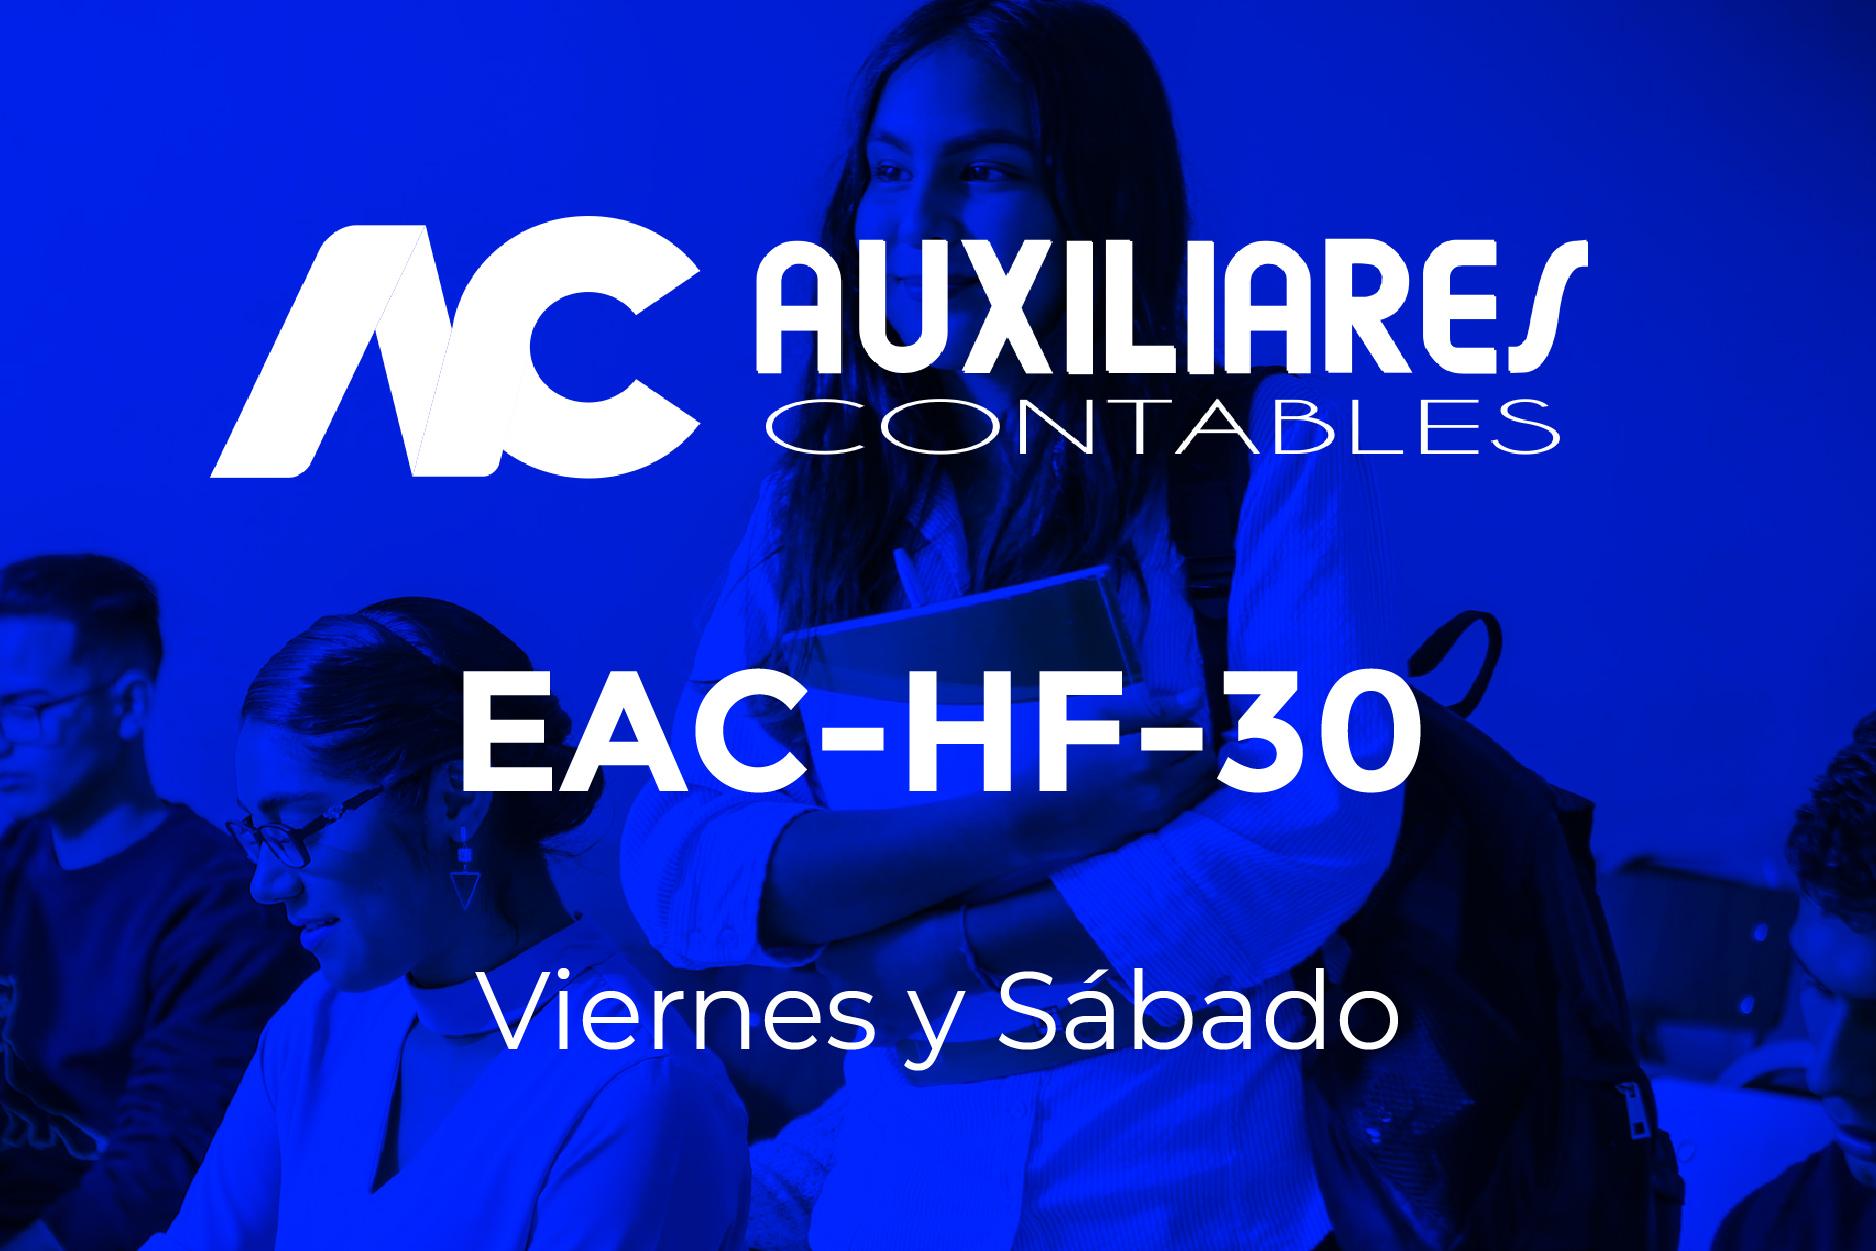 30 - AUXILIARES CONTABLES - VIERNES Y SÁBADO